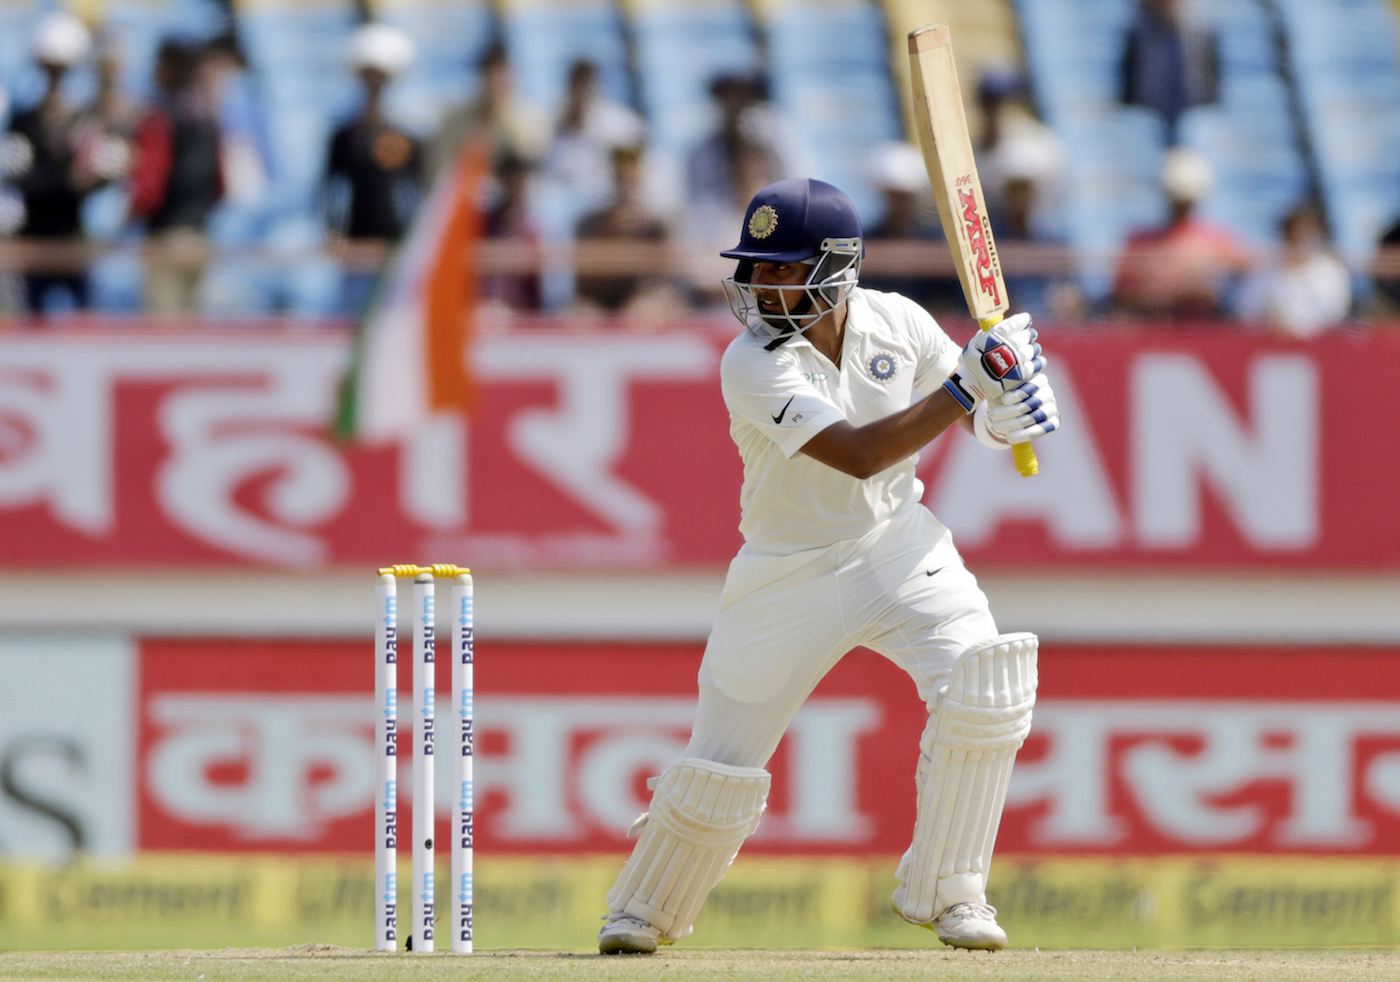 सौरव गांगुली ने इस शख्स को ठहराया विदेशों में नंबर 1 टीम भारत के खराब प्रदर्शन का जिम्मेदार 3